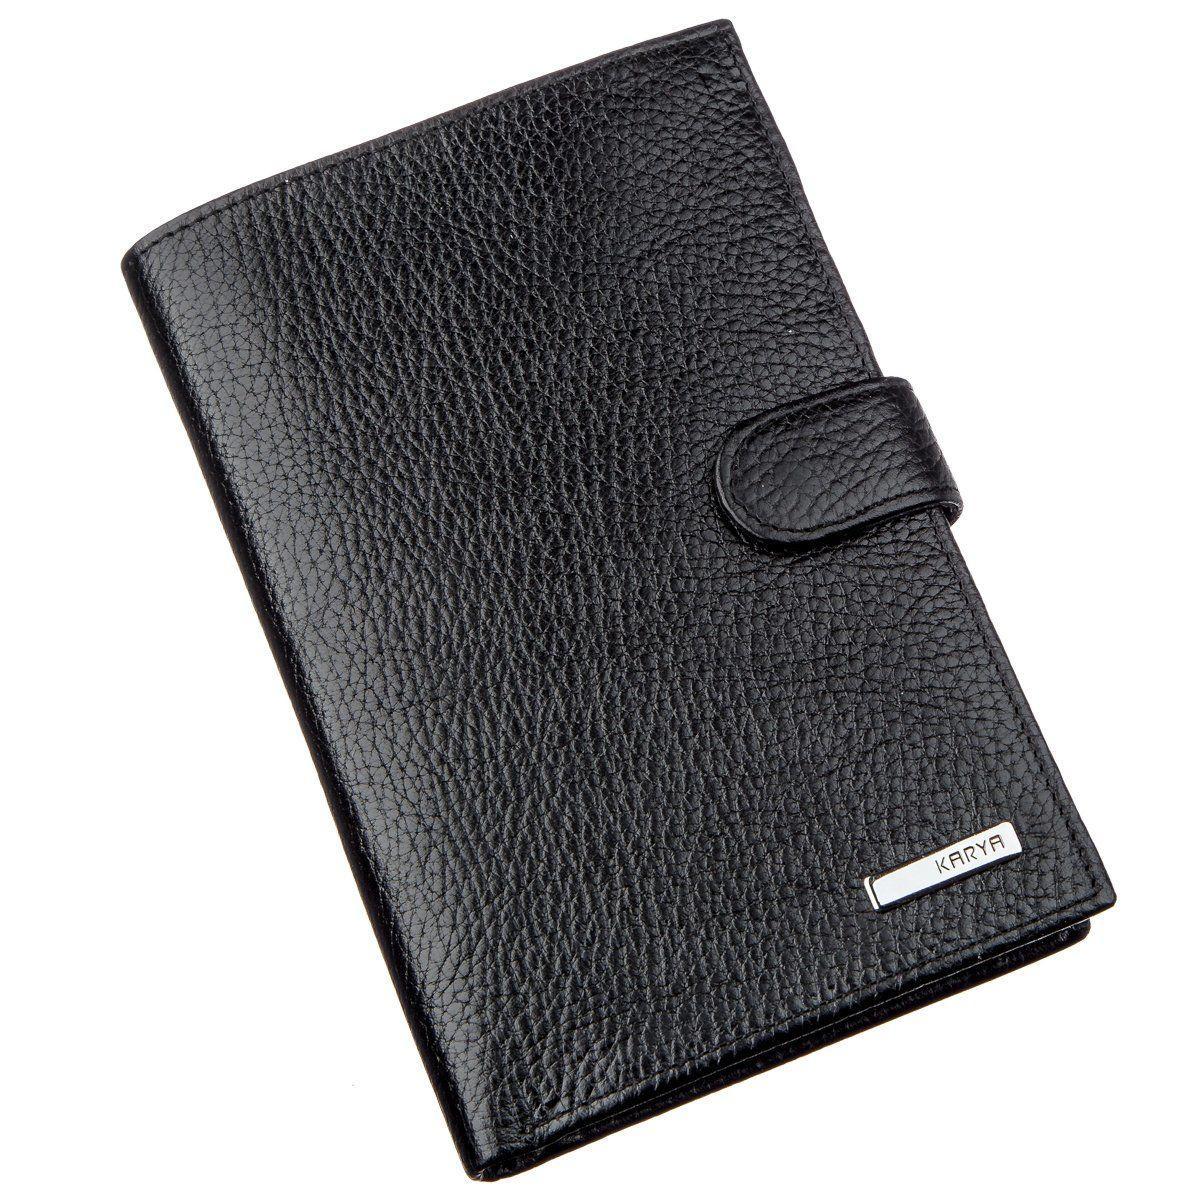 Вместительный функциональный мужской бумажник KARYA 17368 Черный, Черный